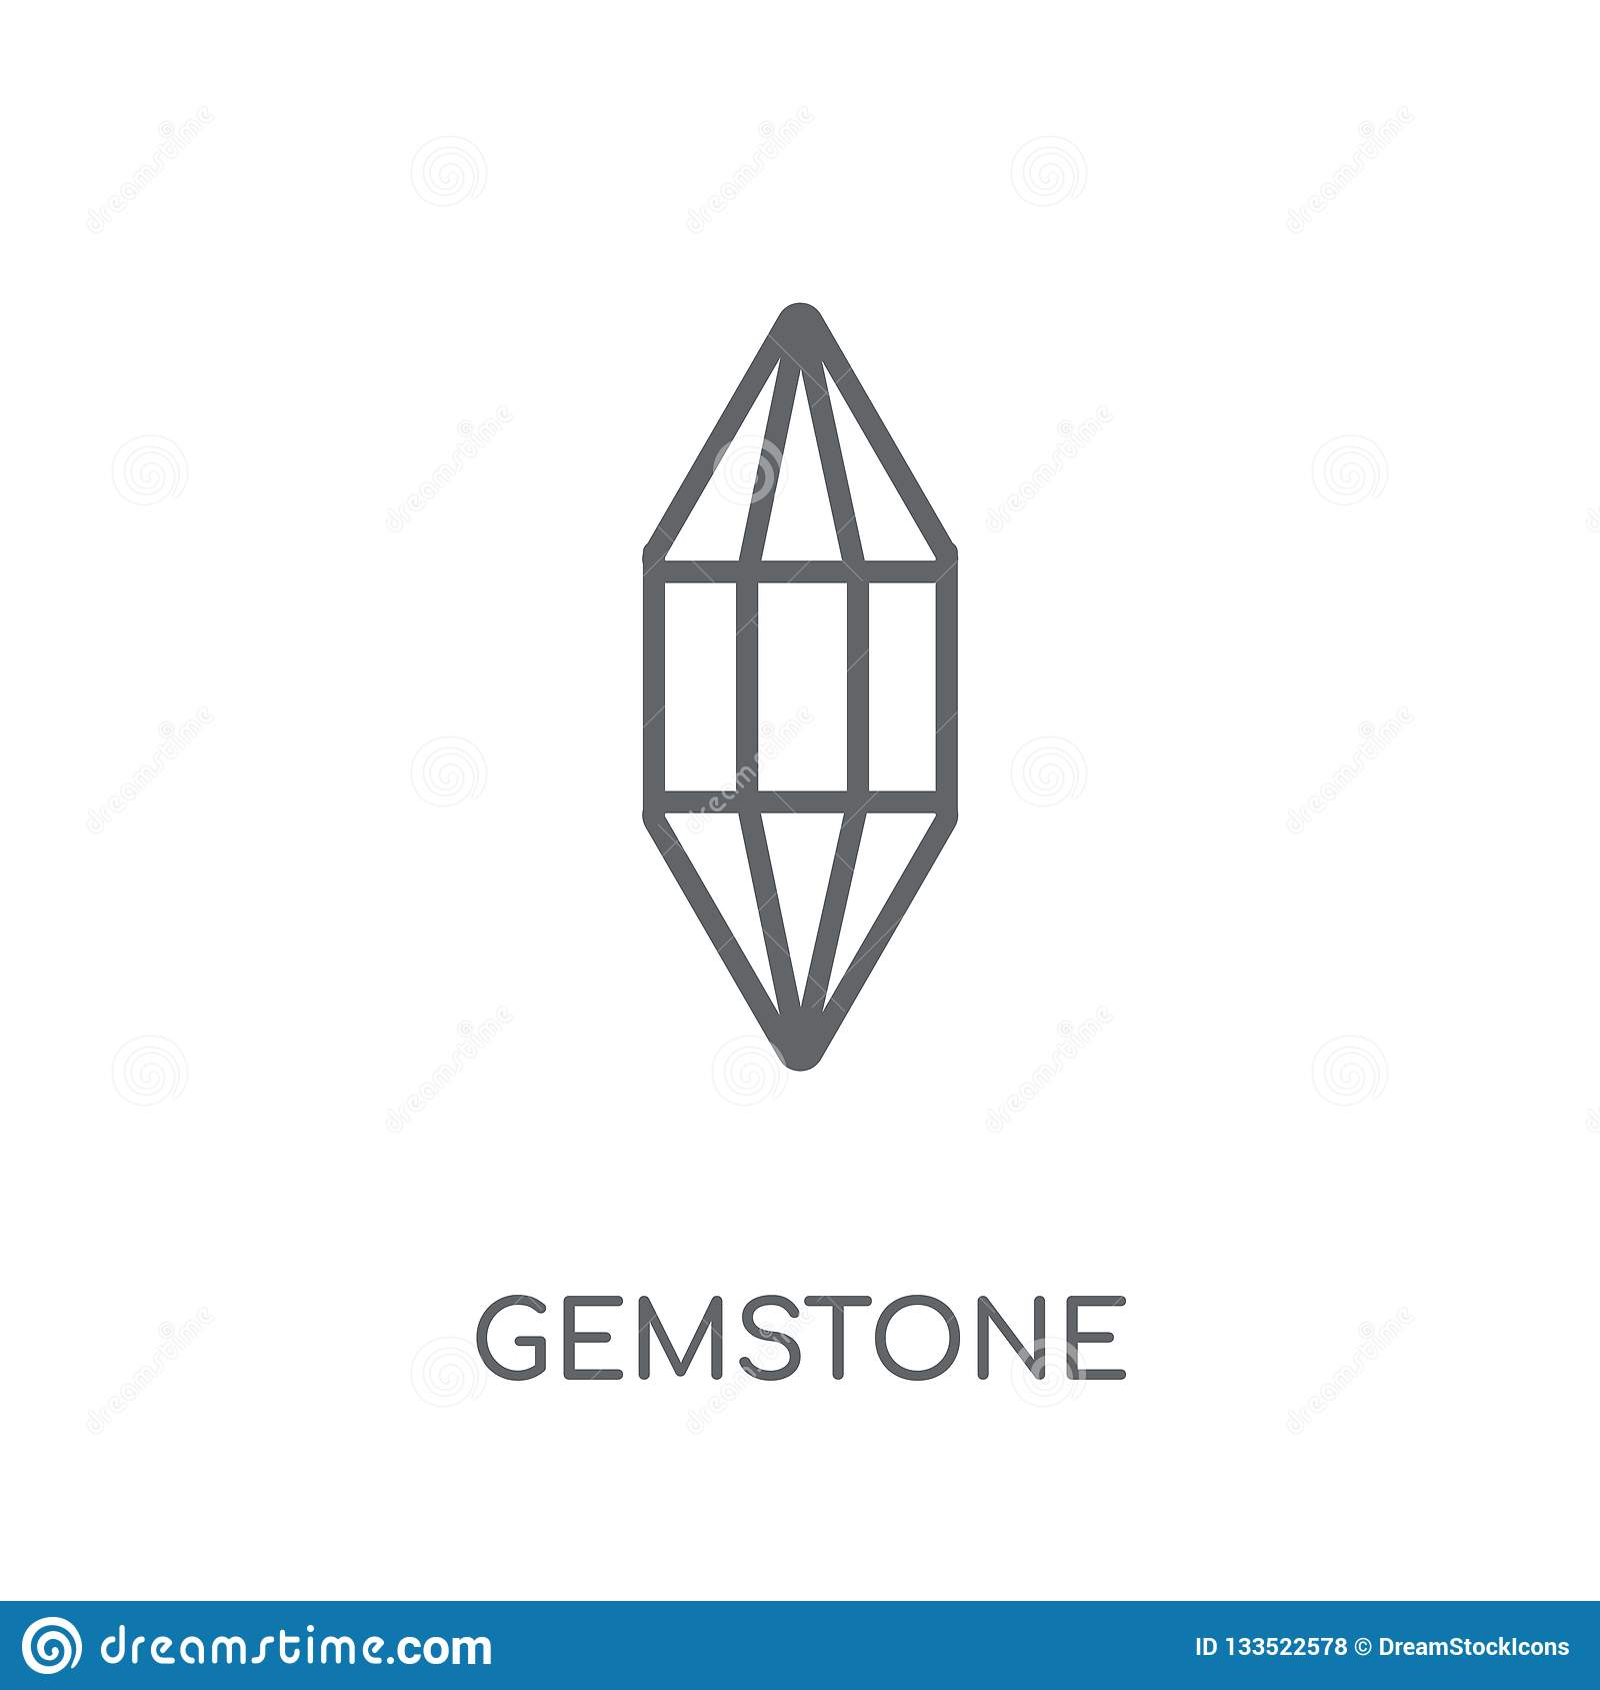 Crystal Gems Logo Icon: Gemstone Linear Icon . Modern Outline Gemstone Logo Concept